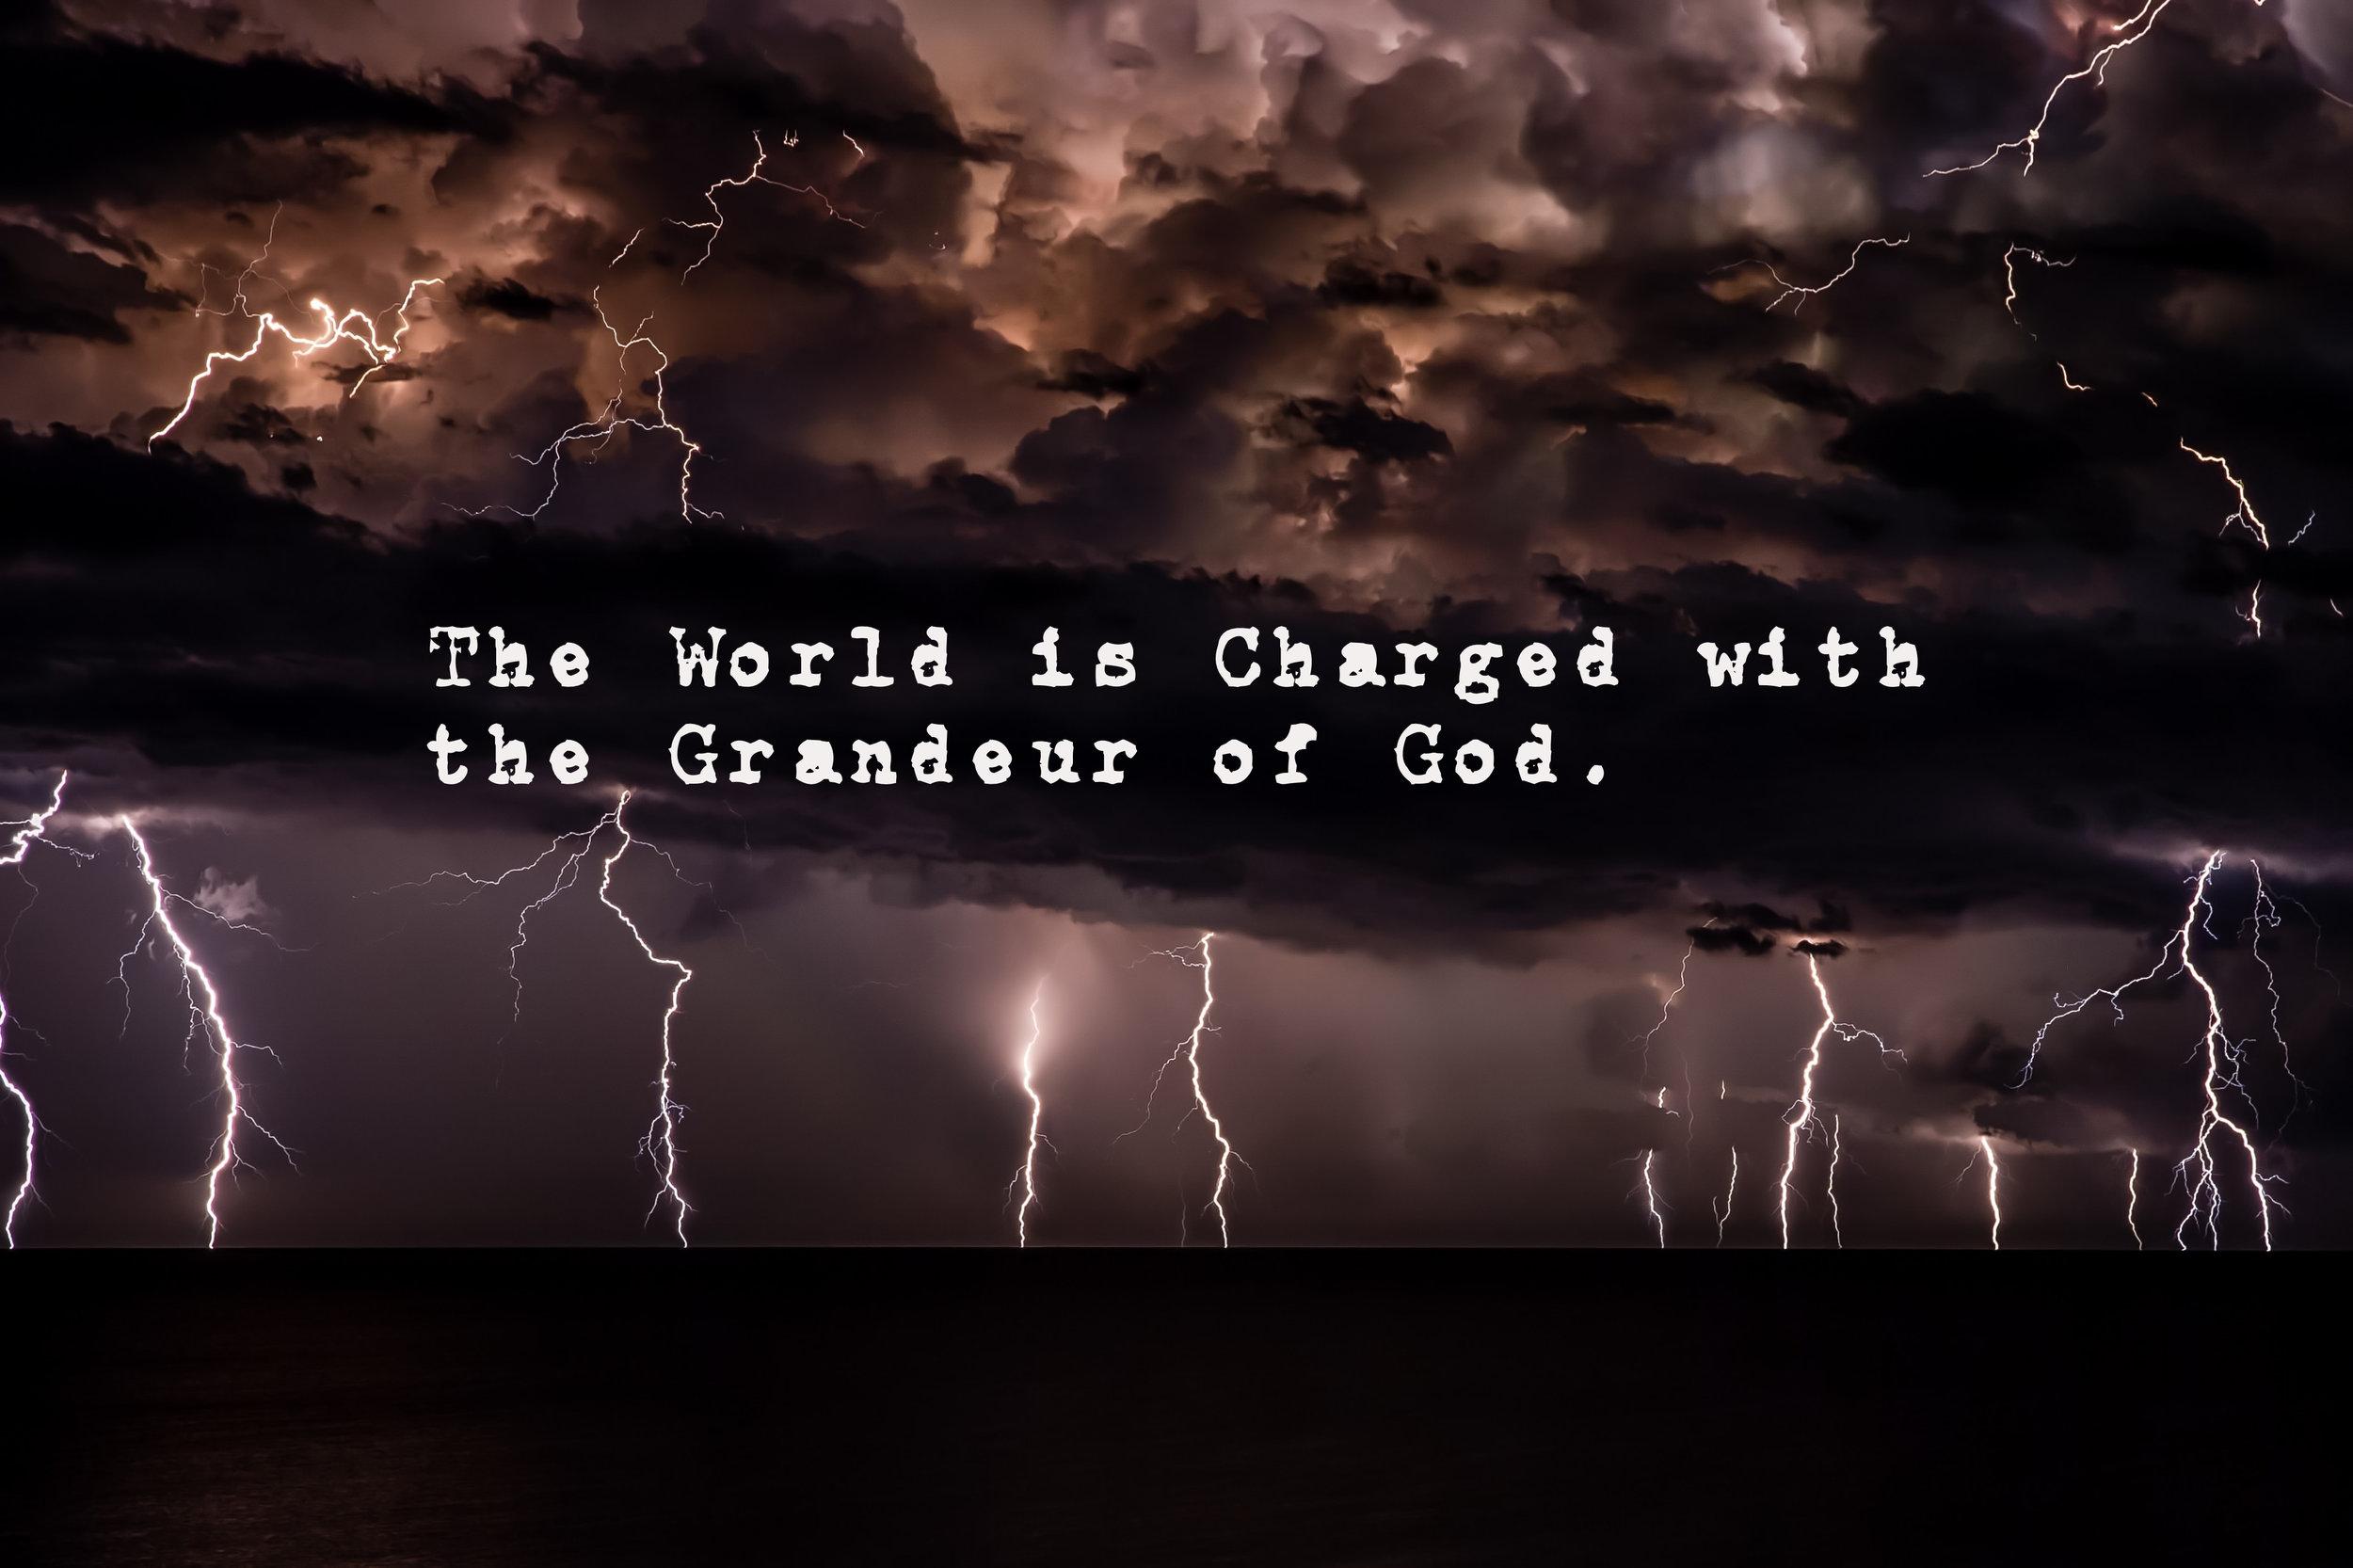 Gods Grandeur.jpg